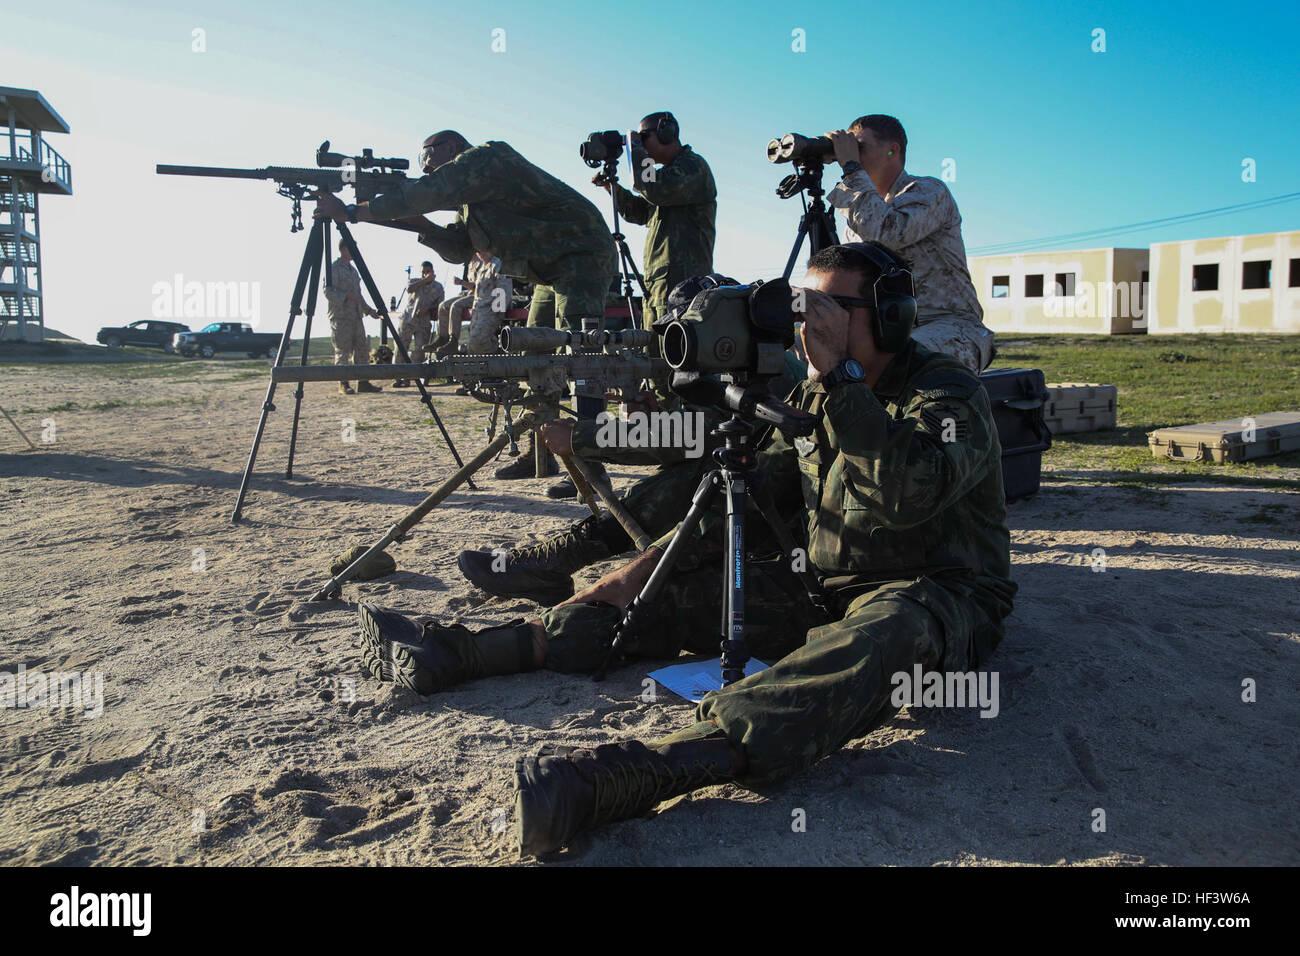 Entfernungsmesser Für Scharfschützen : Scharfschützen mit special operations battalion brasilianische